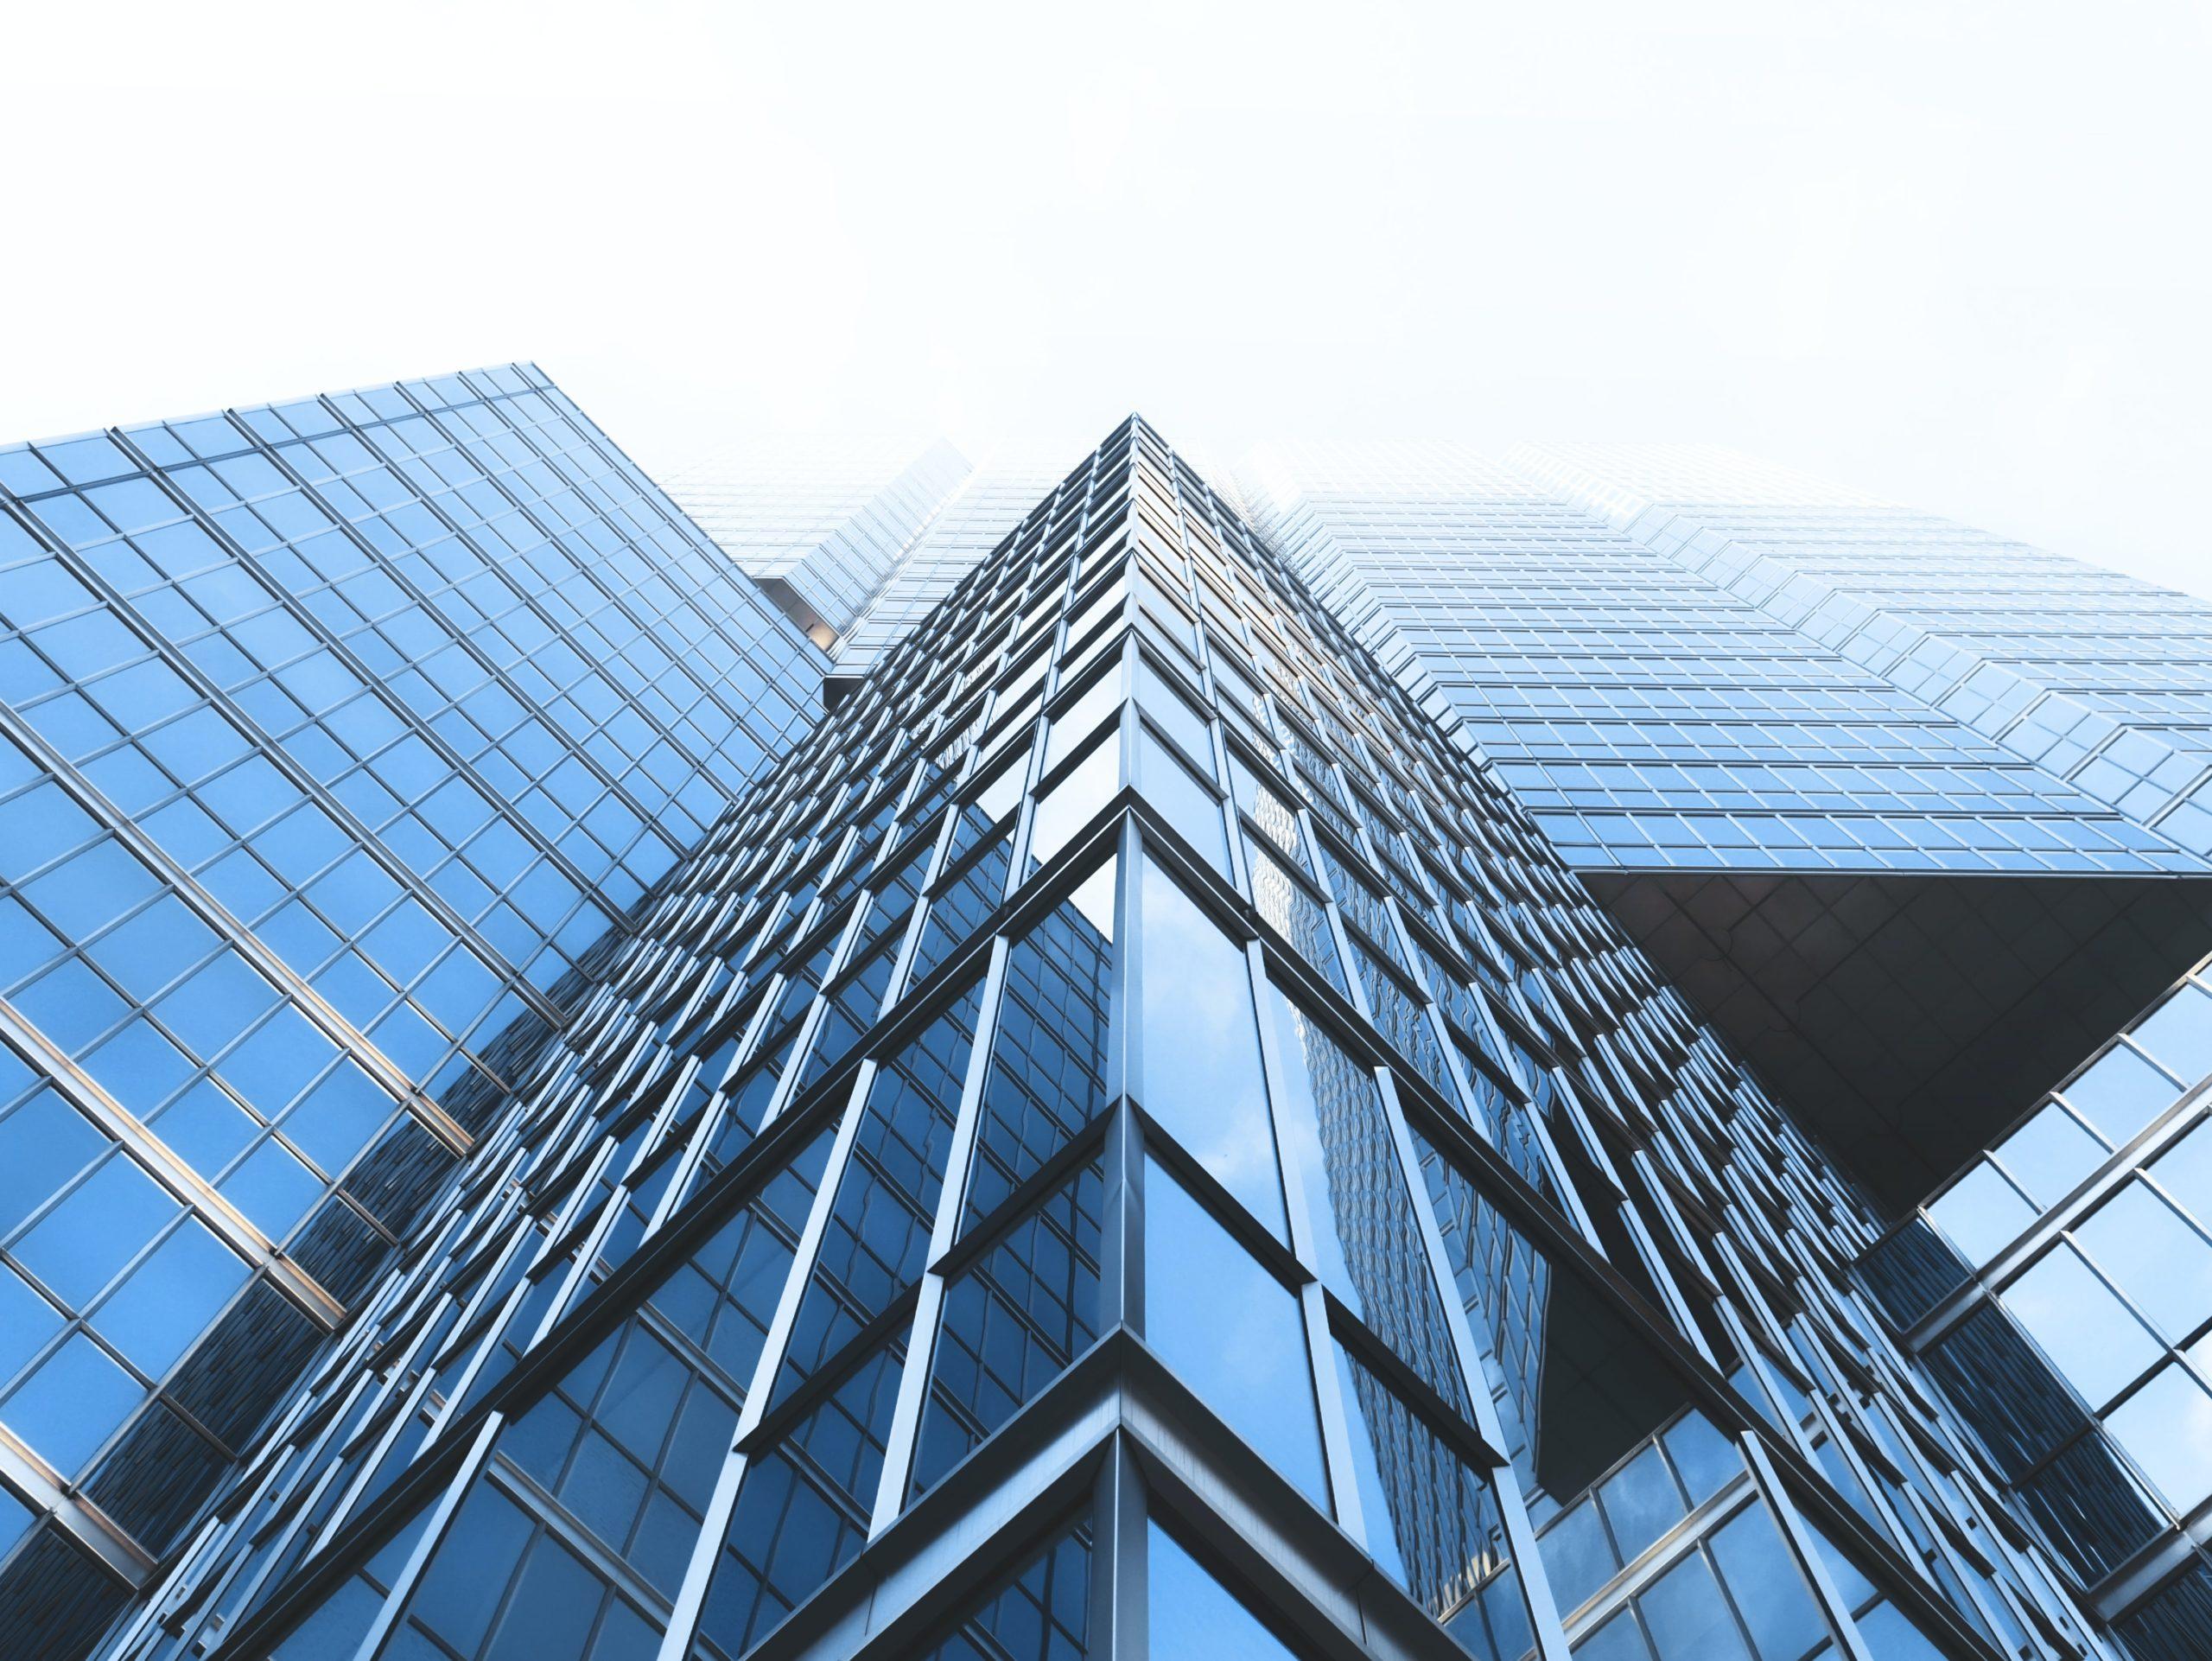 Обновлен состав сведений перечня объектов недвижимости организаций, облагаемых налогом по кадастровой стоимости